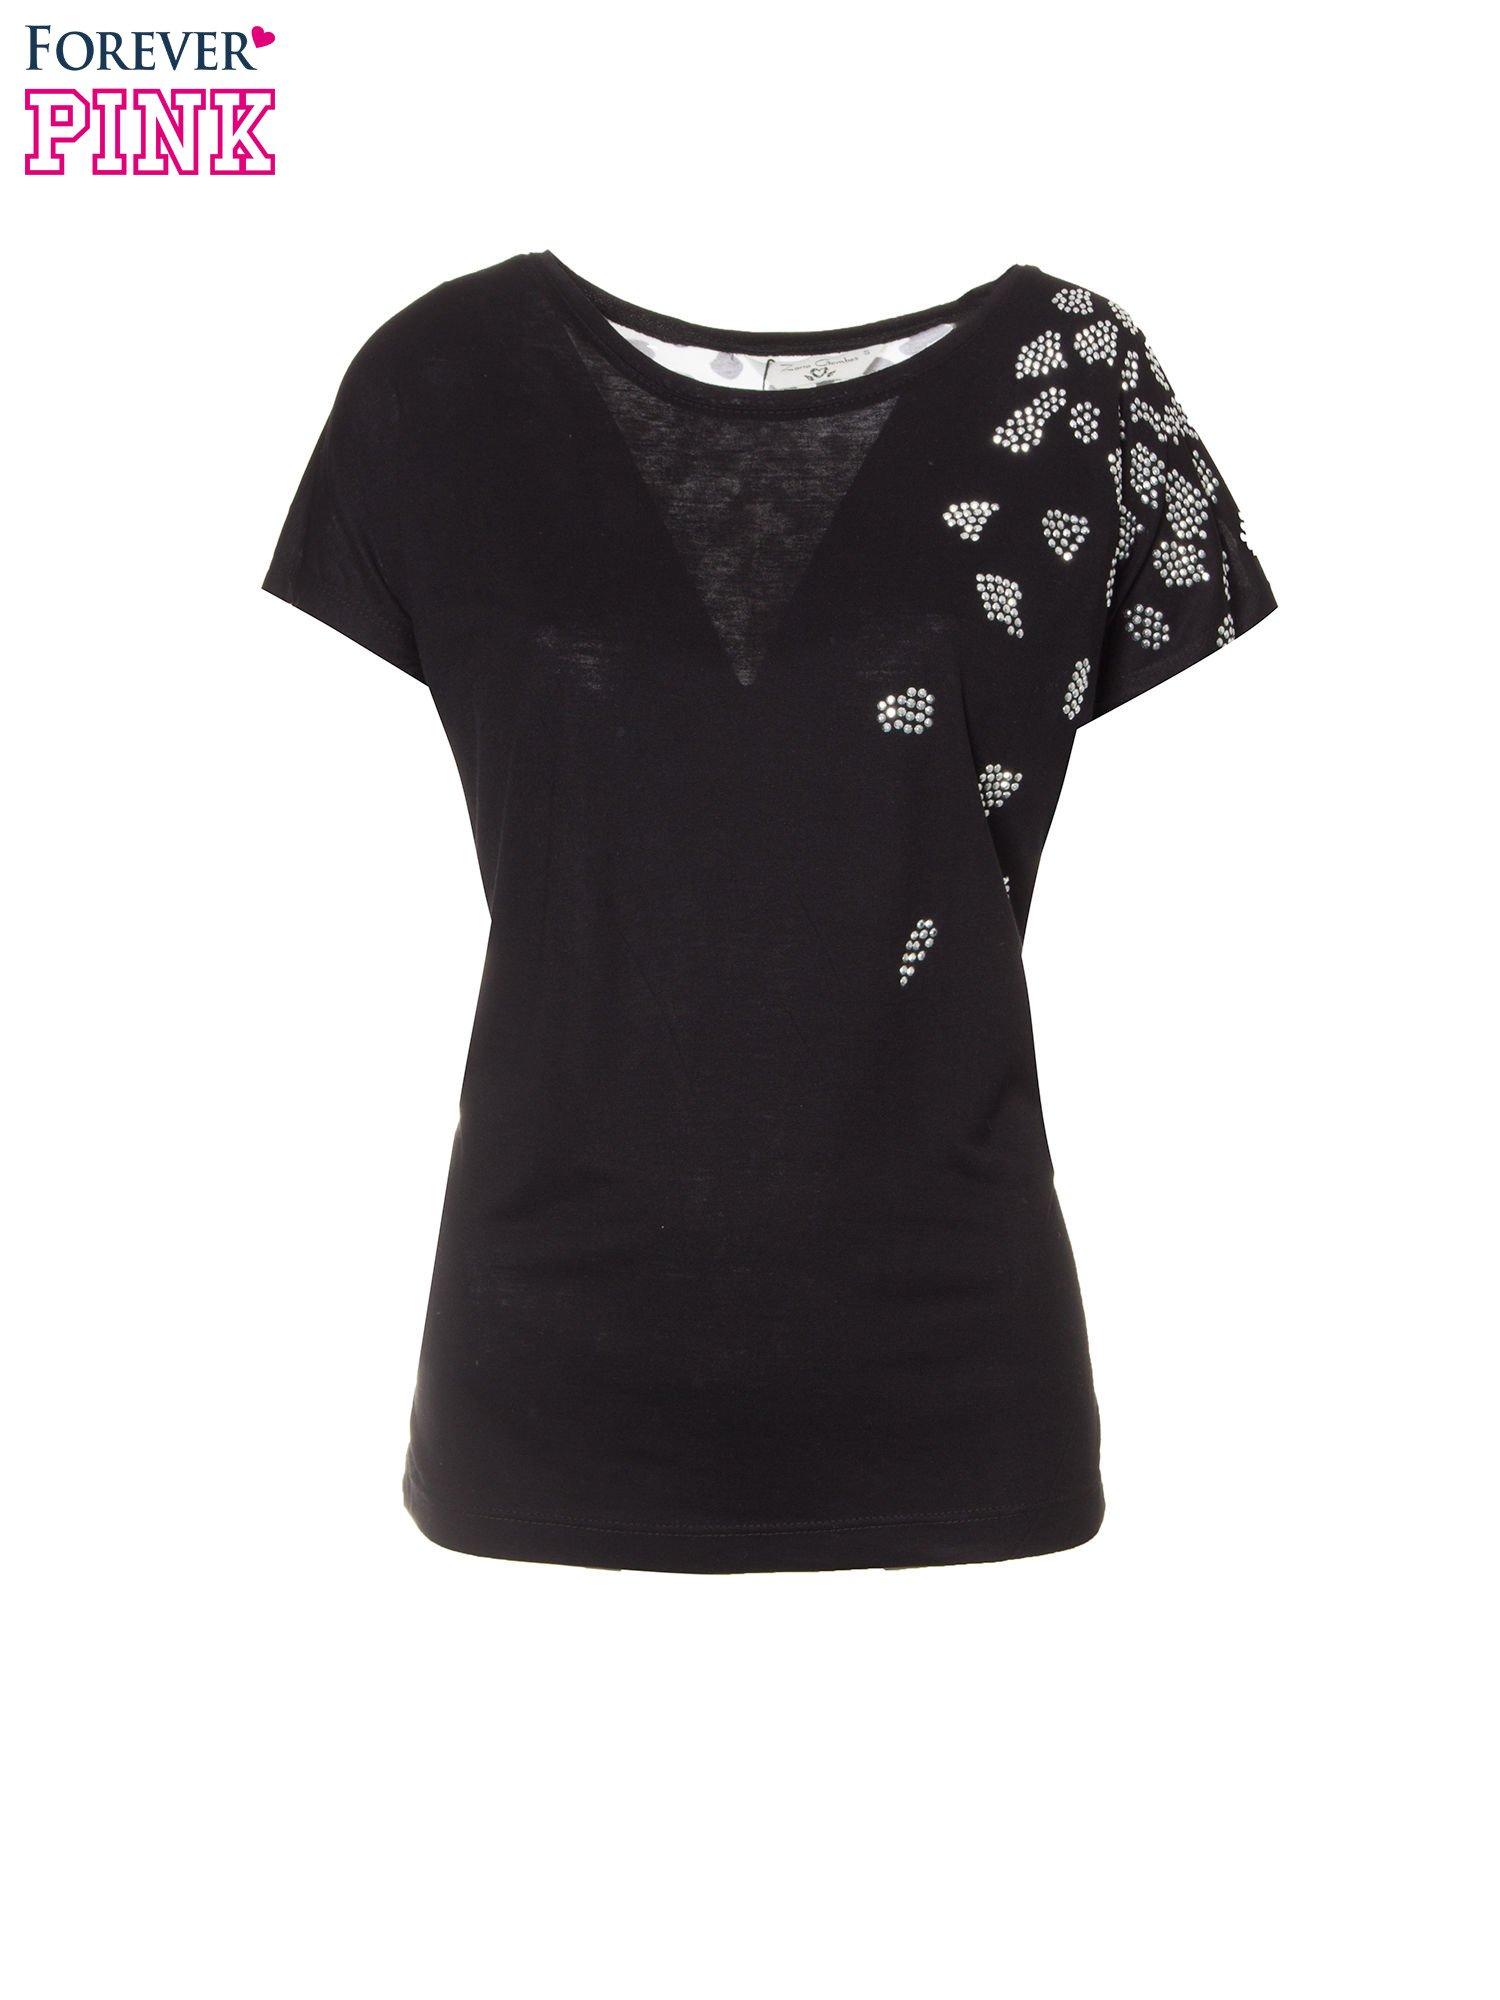 Czarny t-shirt z dżetami i tyłem w cętki                                  zdj.                                  2